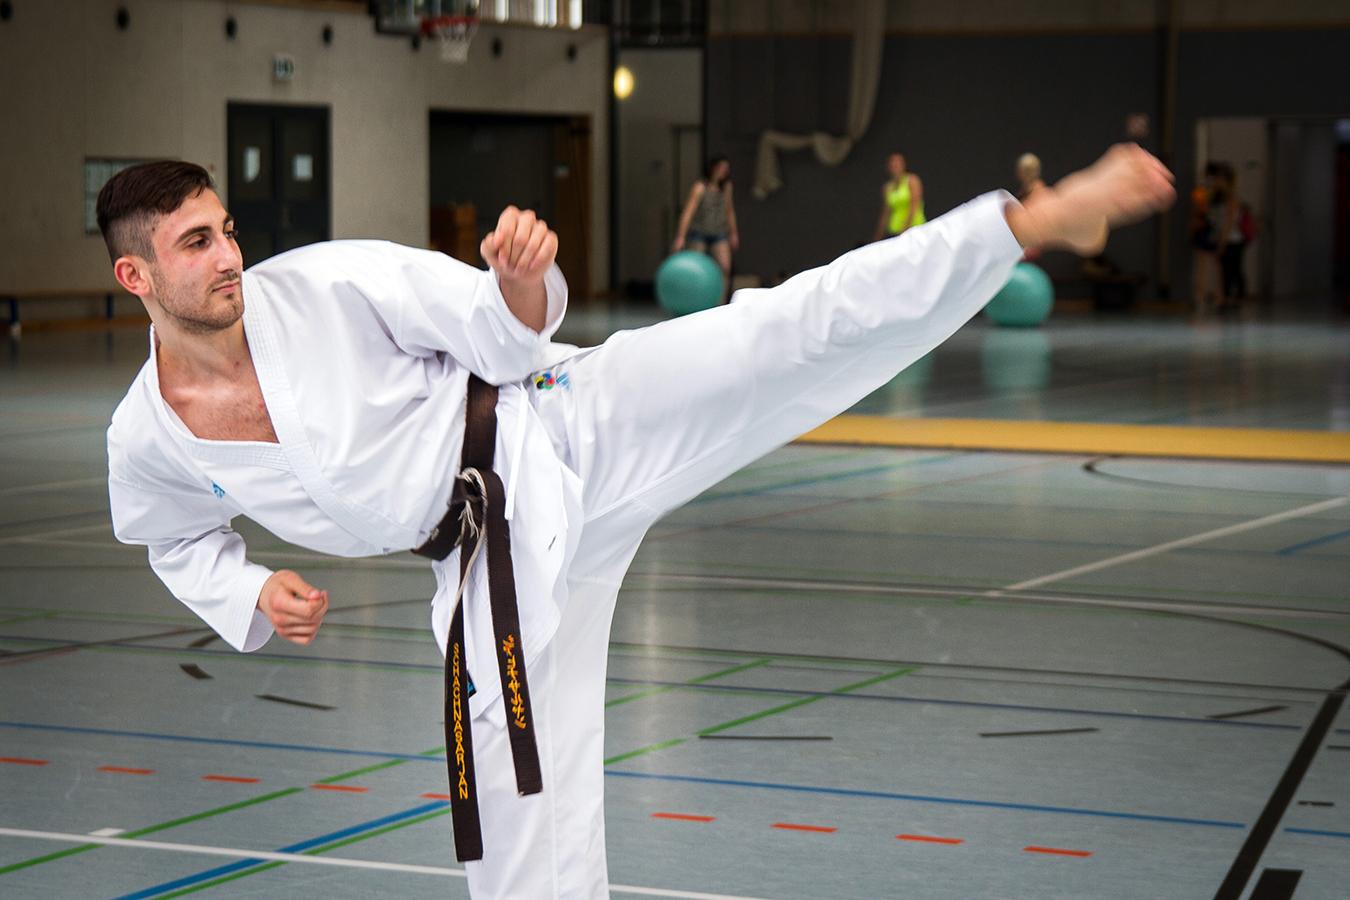 Der Koblenzer Student Abgar Schachnasarjan nimmt im August an der Hochschulweltmeisterschaft im Karate teil. Hierfür geht es mit den anderen Qualifizierten aus Deutschland nach Portugal.